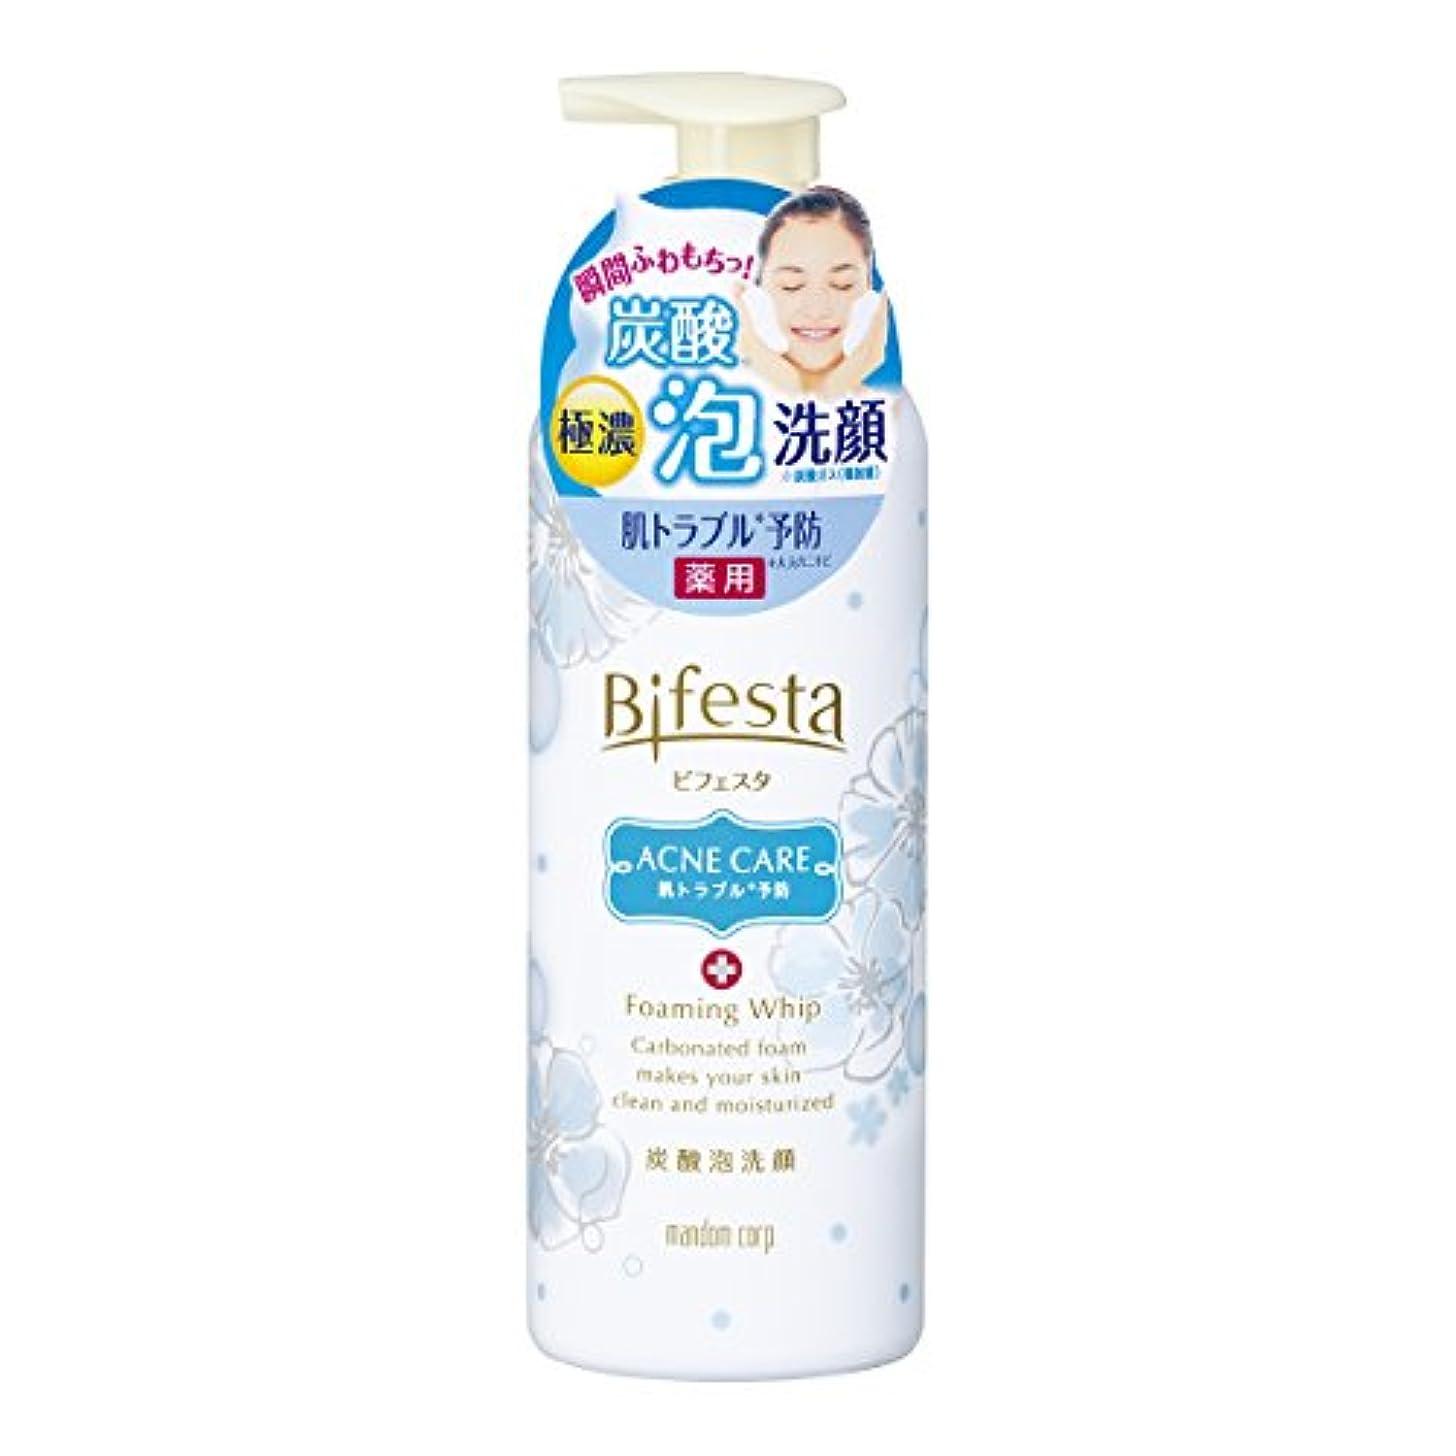 バランスのとれたフリッパー不均一ビフェスタ 泡洗顔 コントロールケア 180g(医薬部外品)